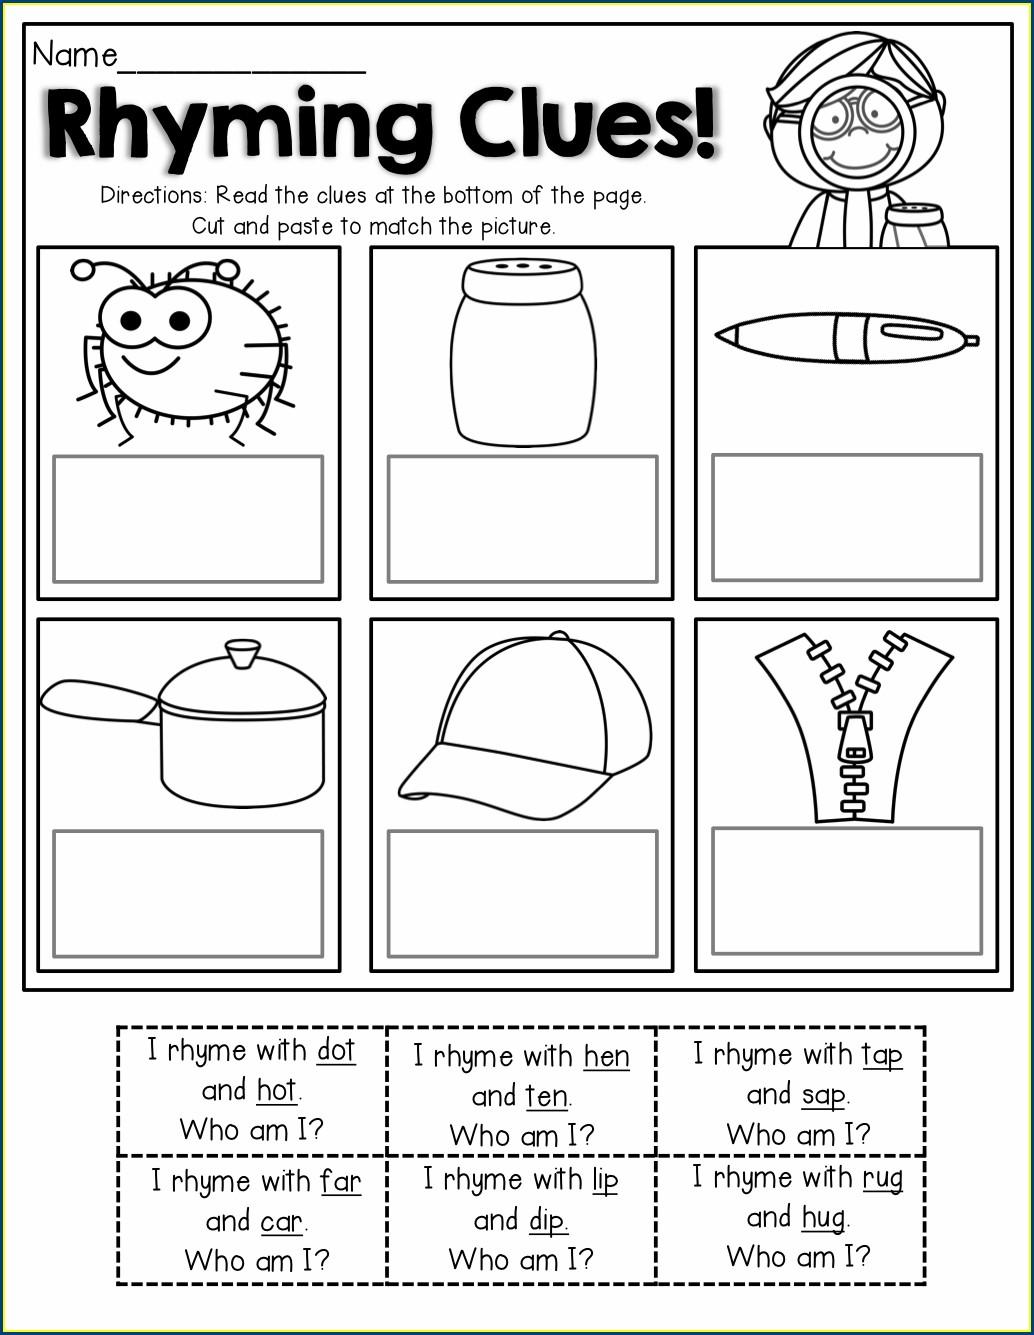 Printable Rhyming Words Worksheet For Grade 1